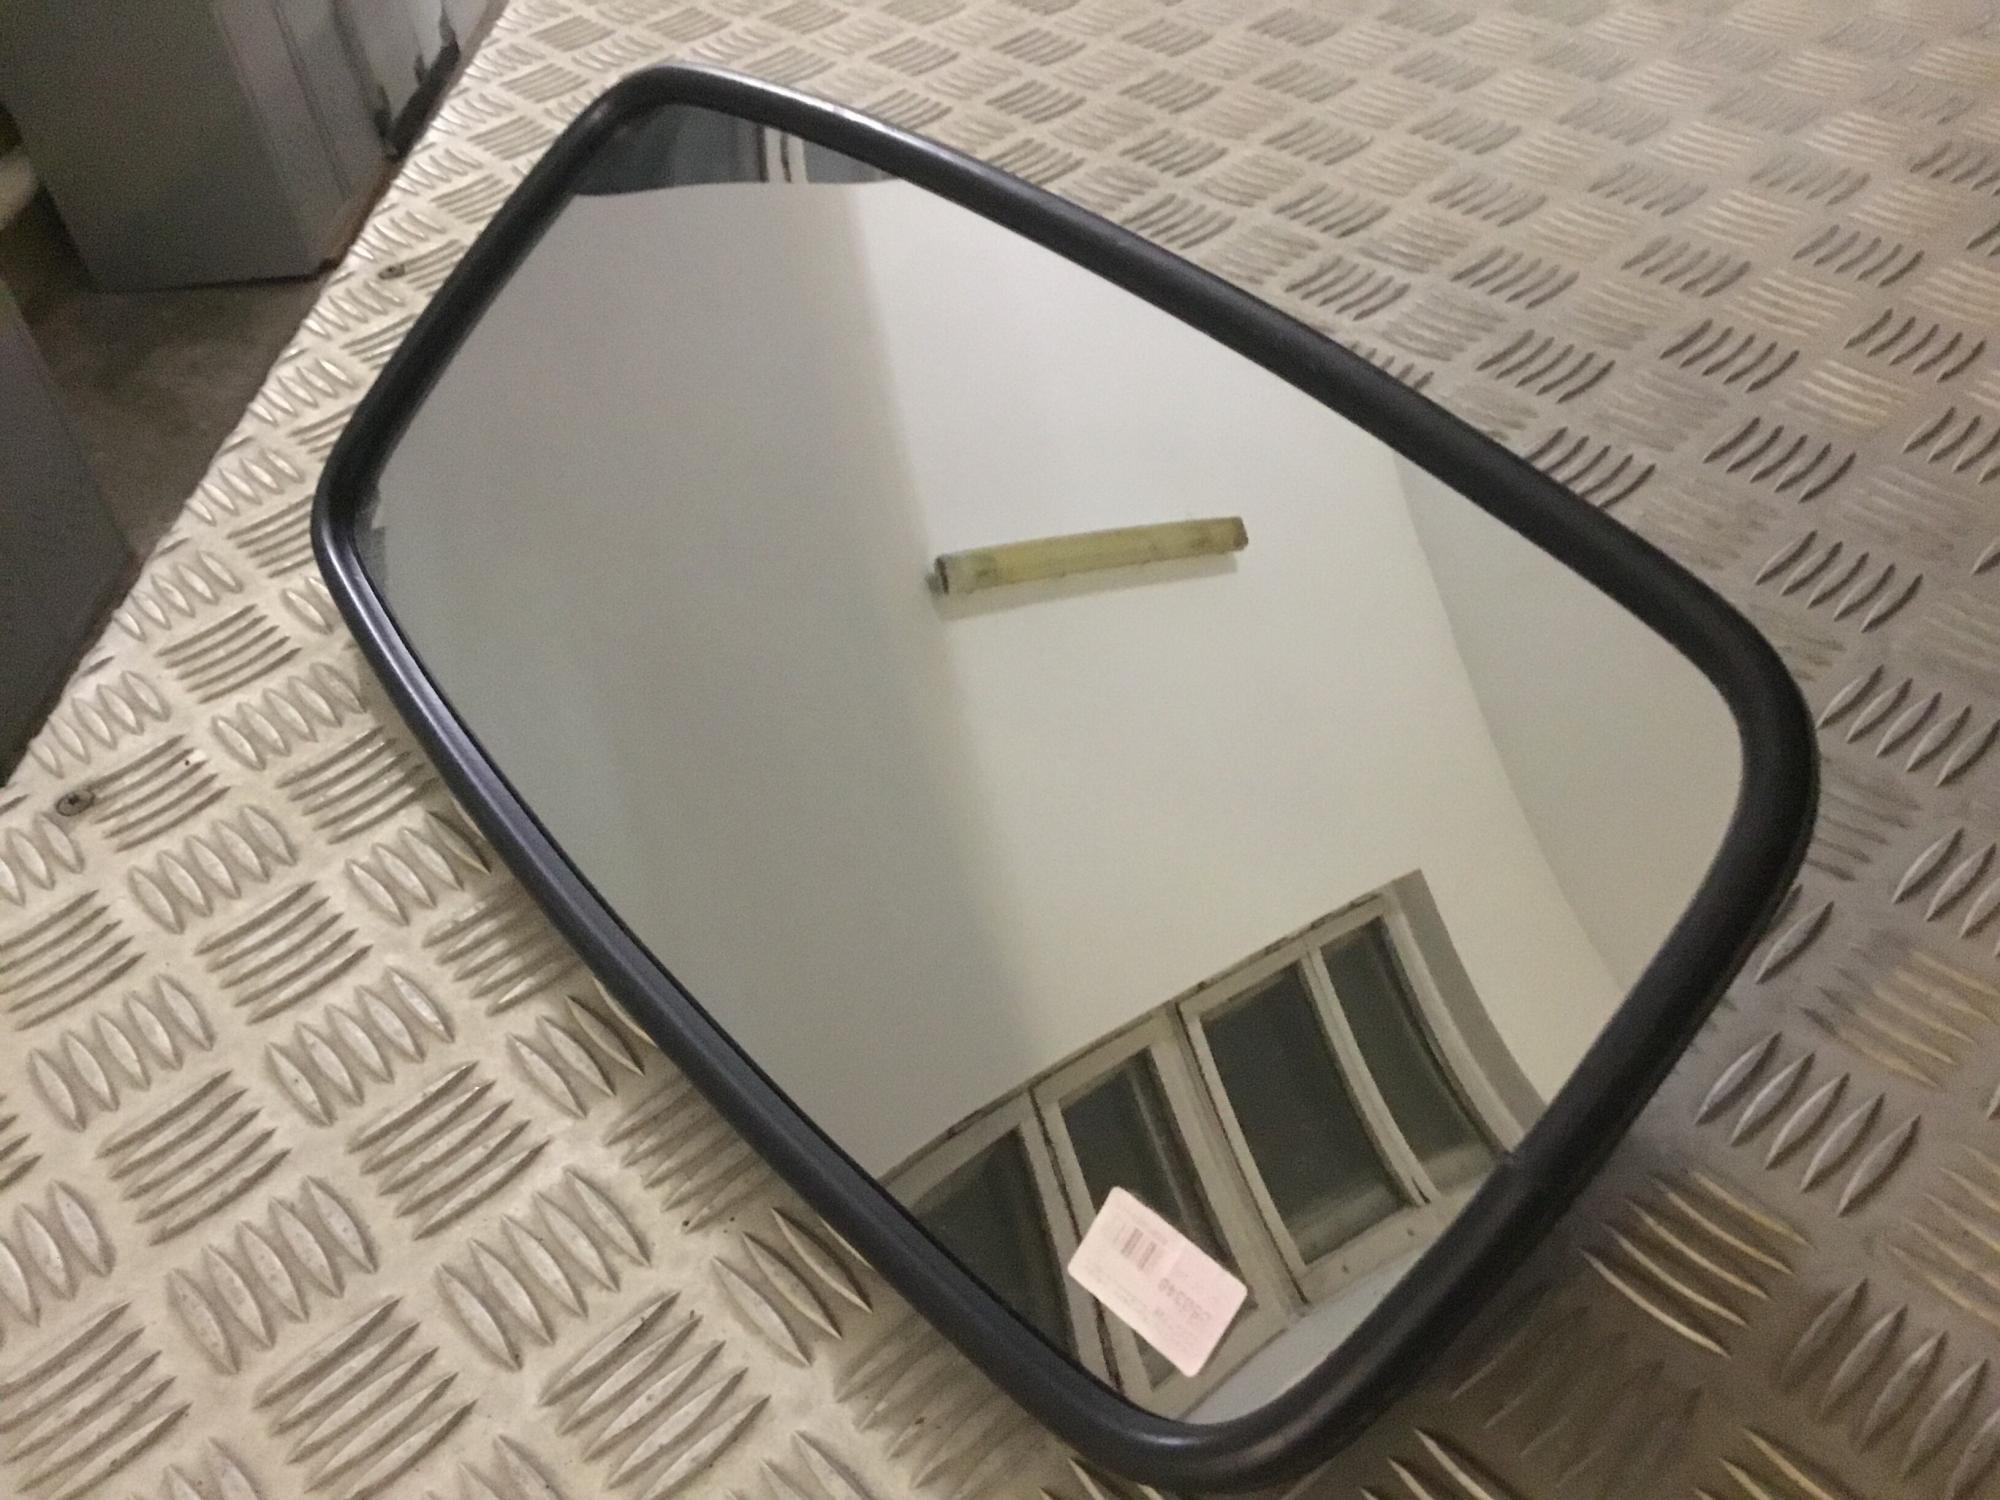 Зеркало заднего вида Бобруйск новое подогрев 24в 89999652296 купить 1